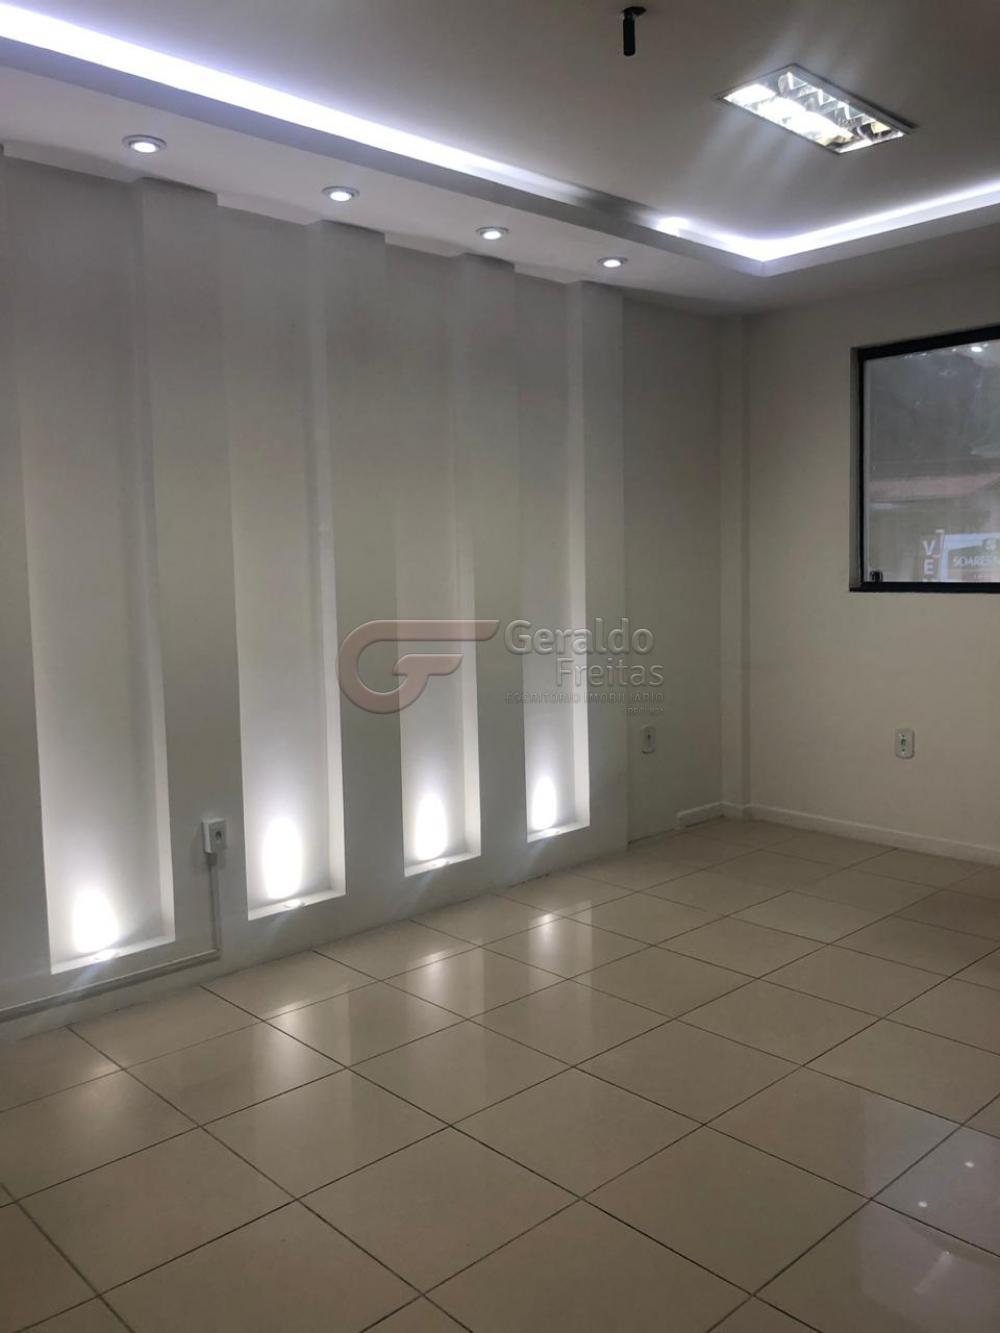 Alugar Comerciais / Prédio em Maceió apenas R$ 20.000,00 - Foto 16